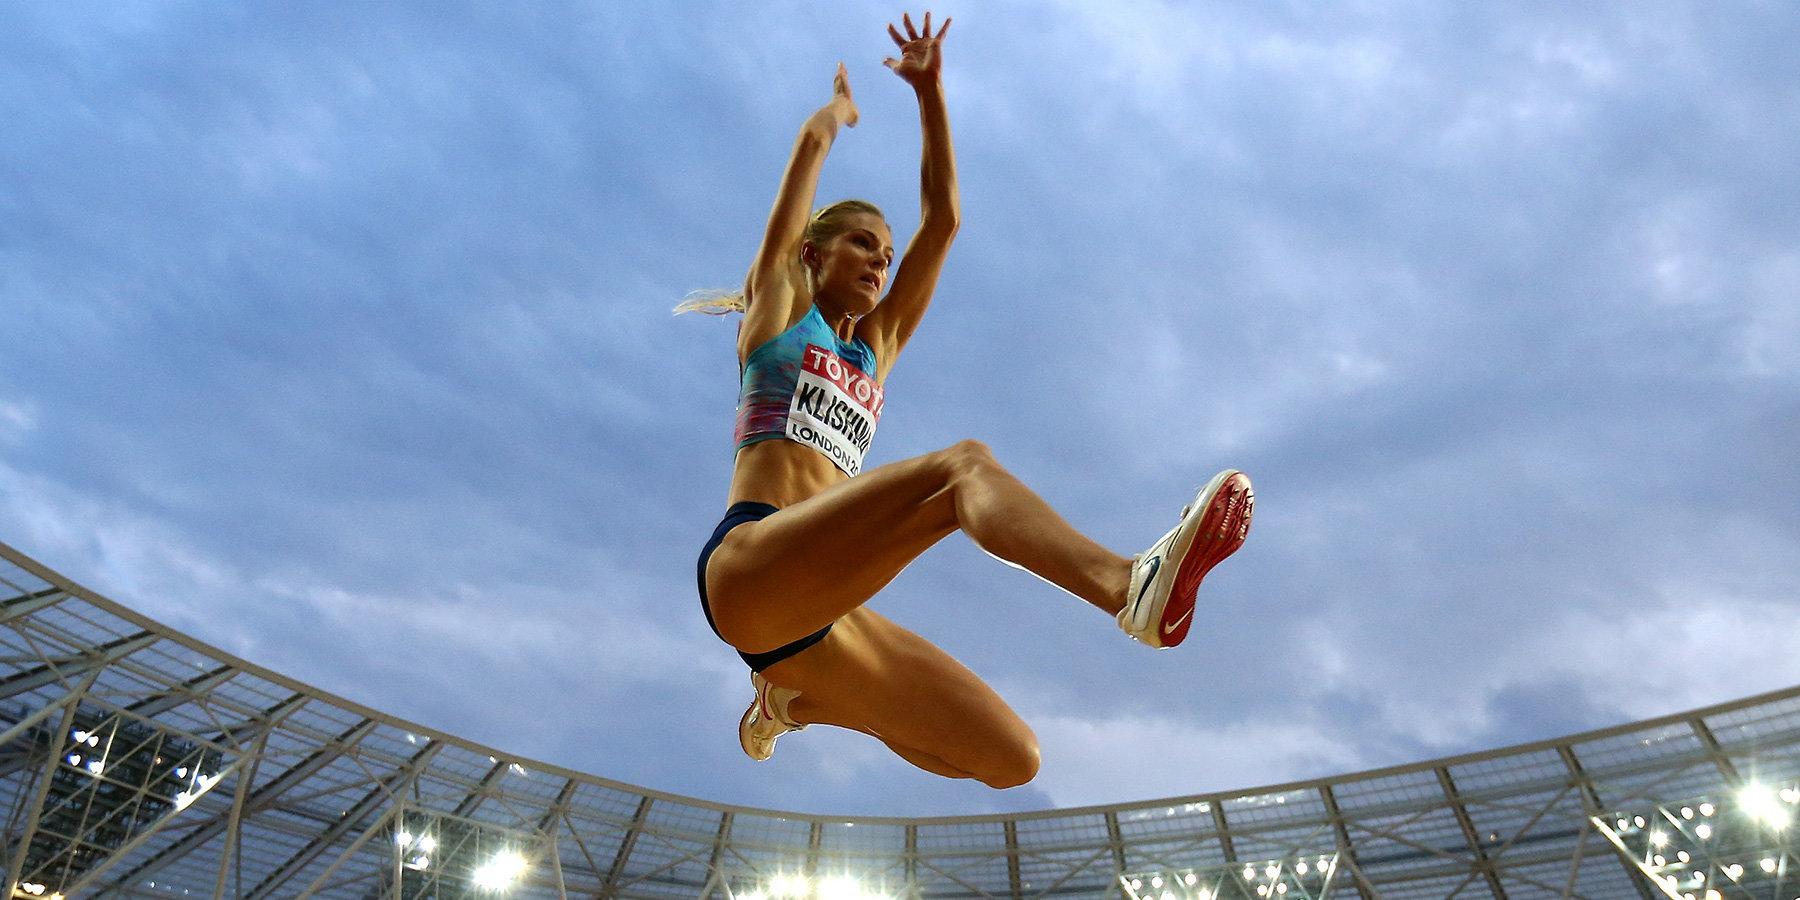 Легкоатлетке Дарье Клишиной вручили «серебро» чемпионата мира встолице Англии